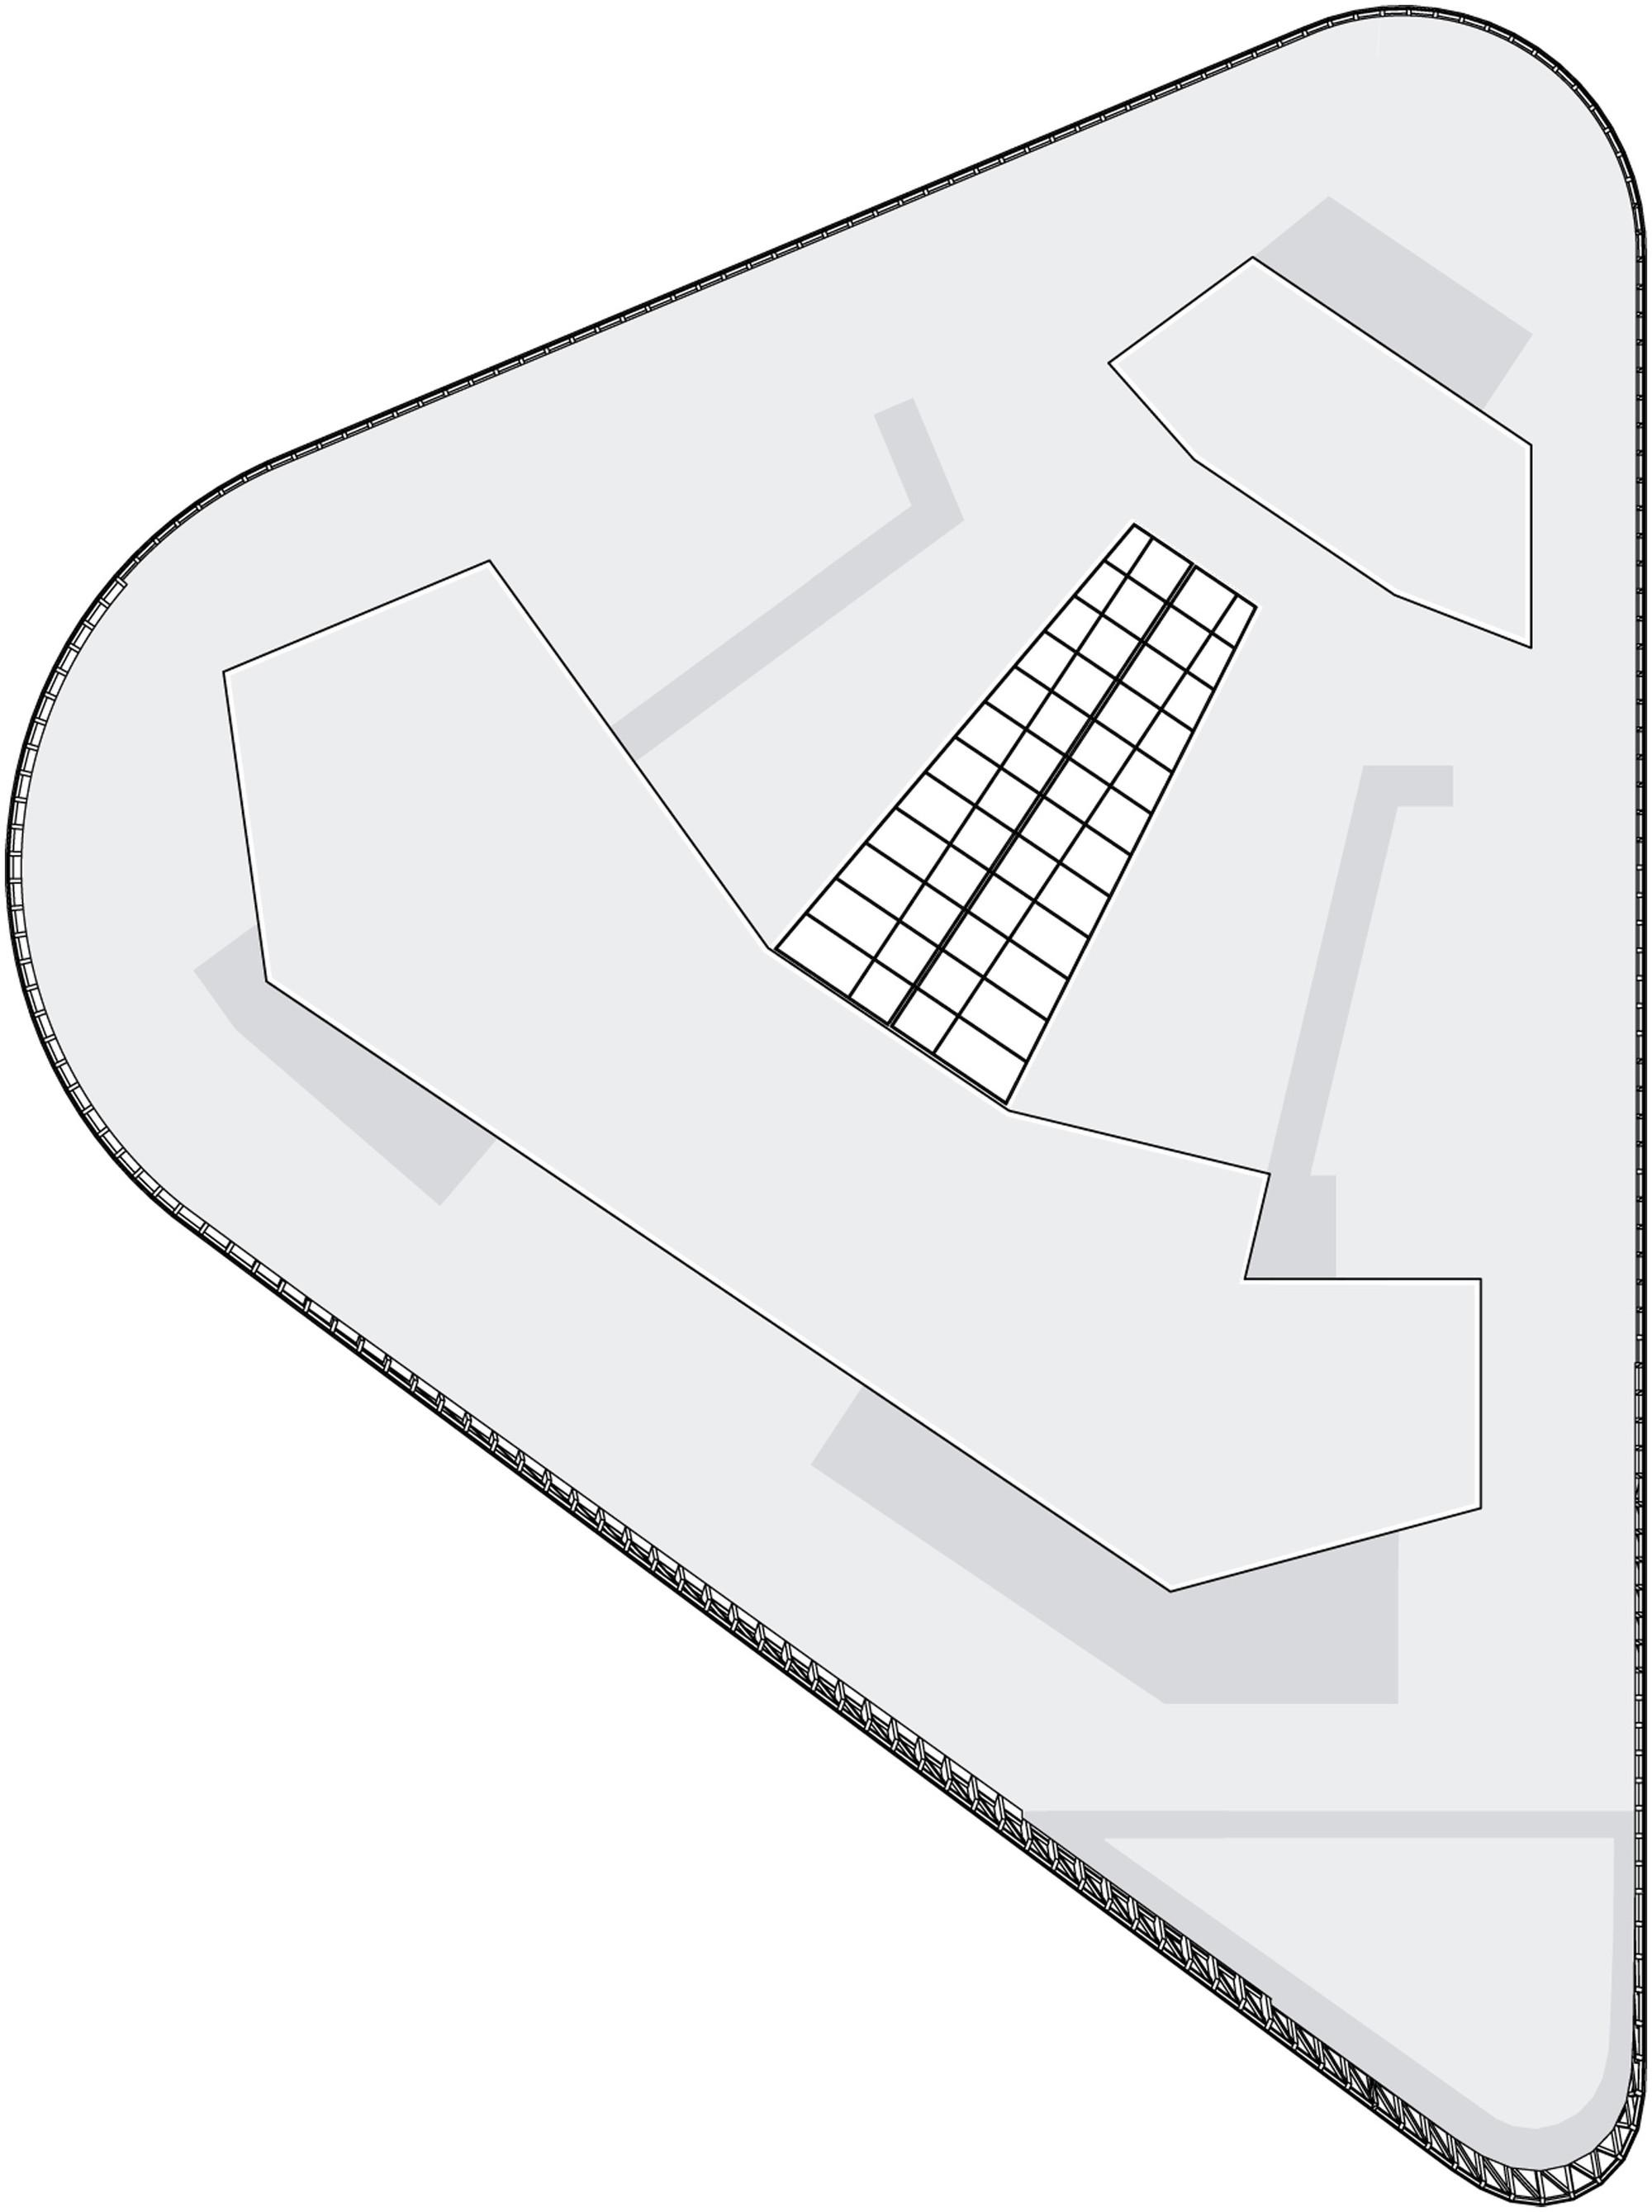 galer a de aula m dica wing rdhs 27. Black Bedroom Furniture Sets. Home Design Ideas